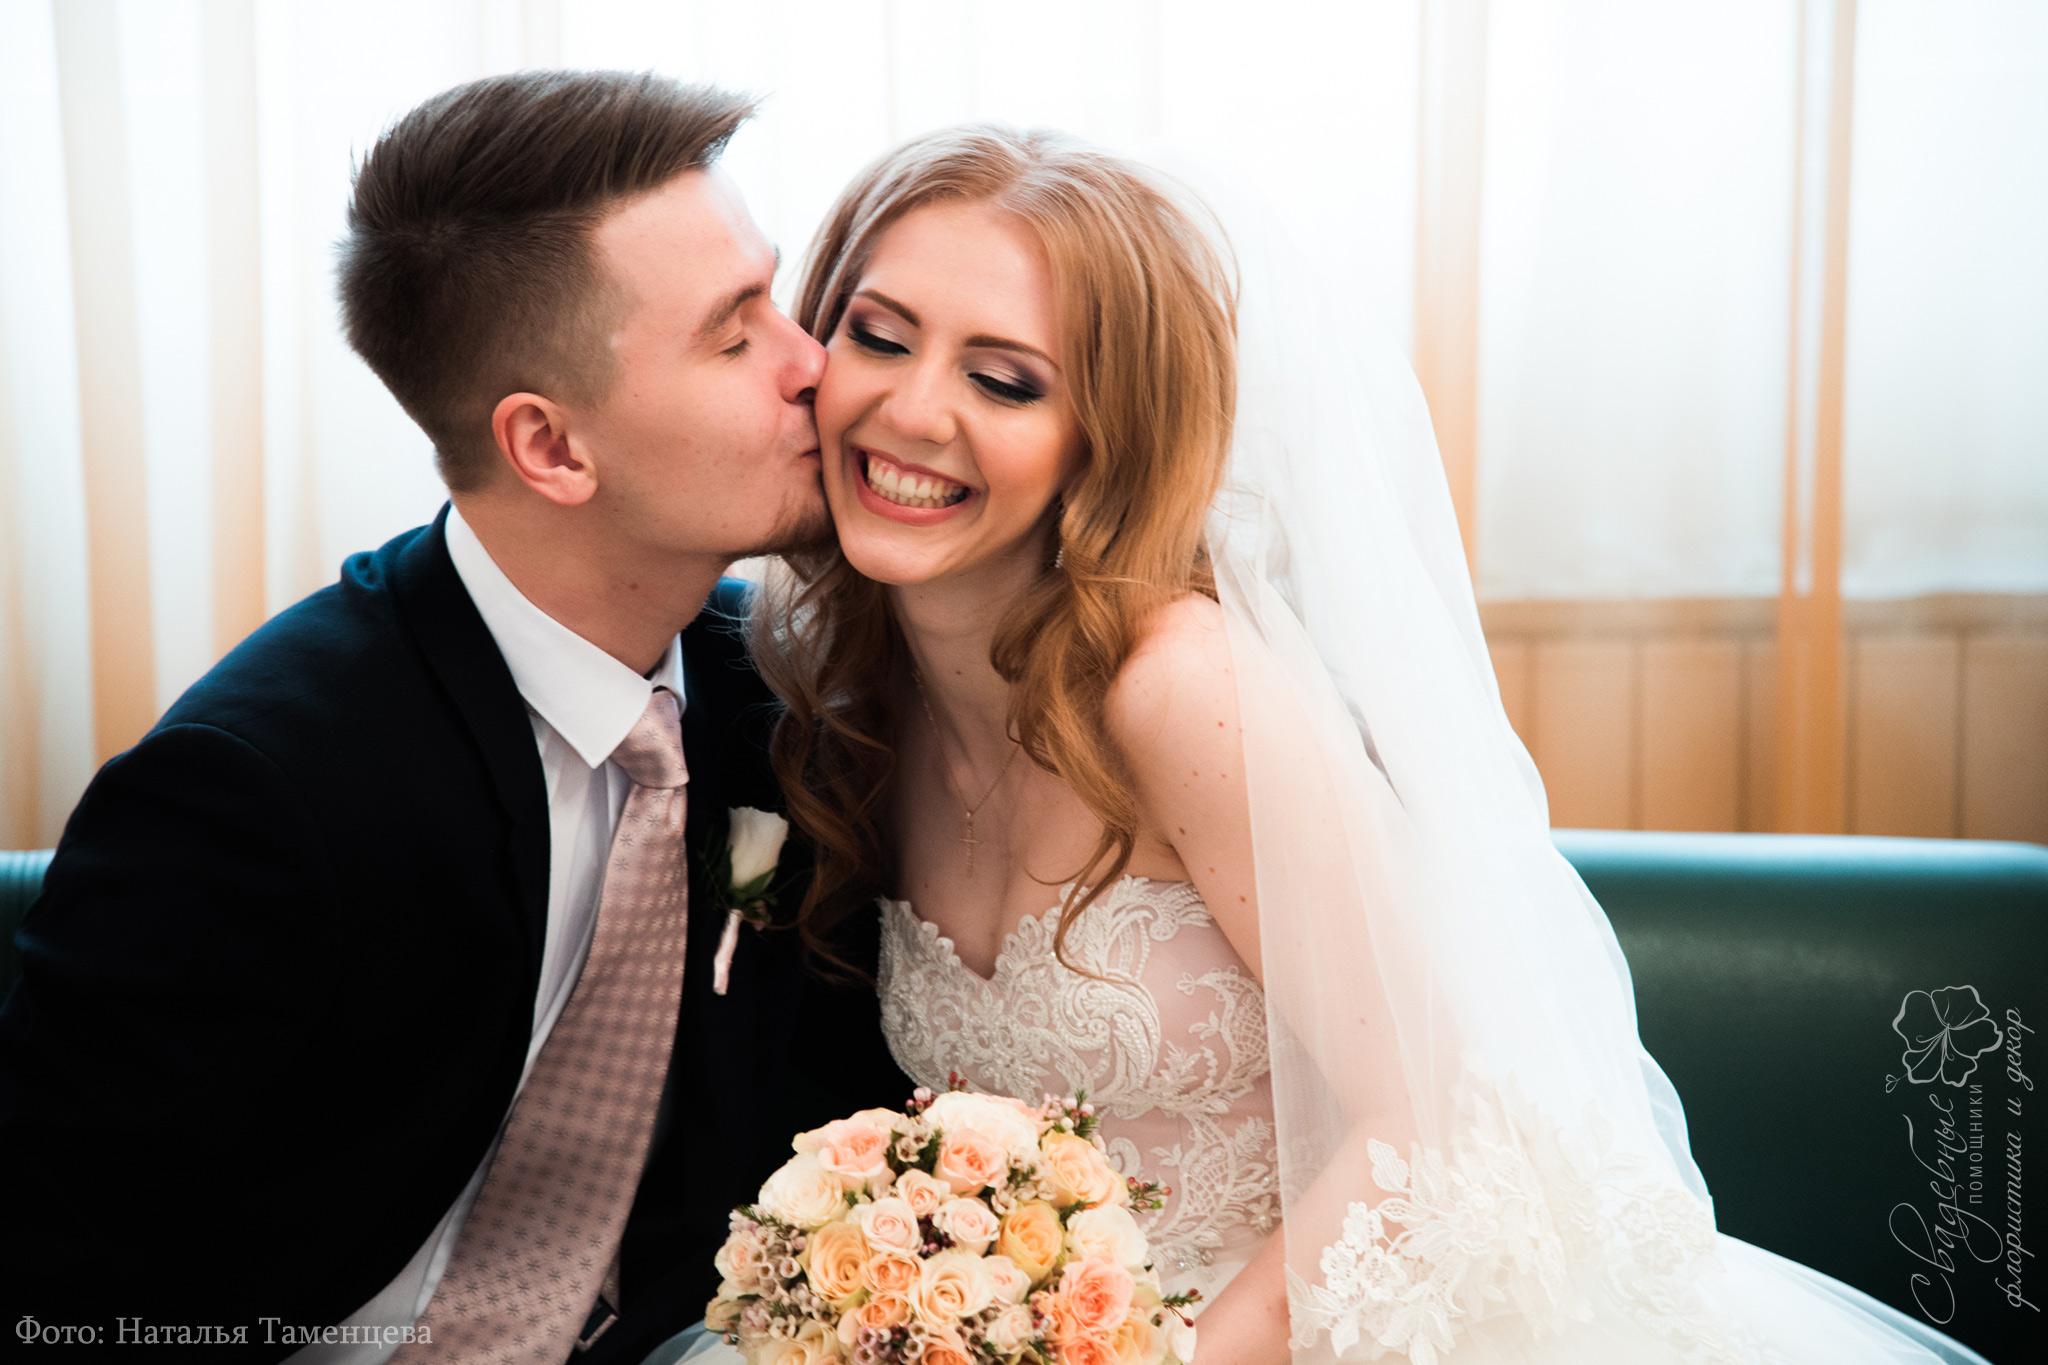 Сайт знакомств 7 свадеб